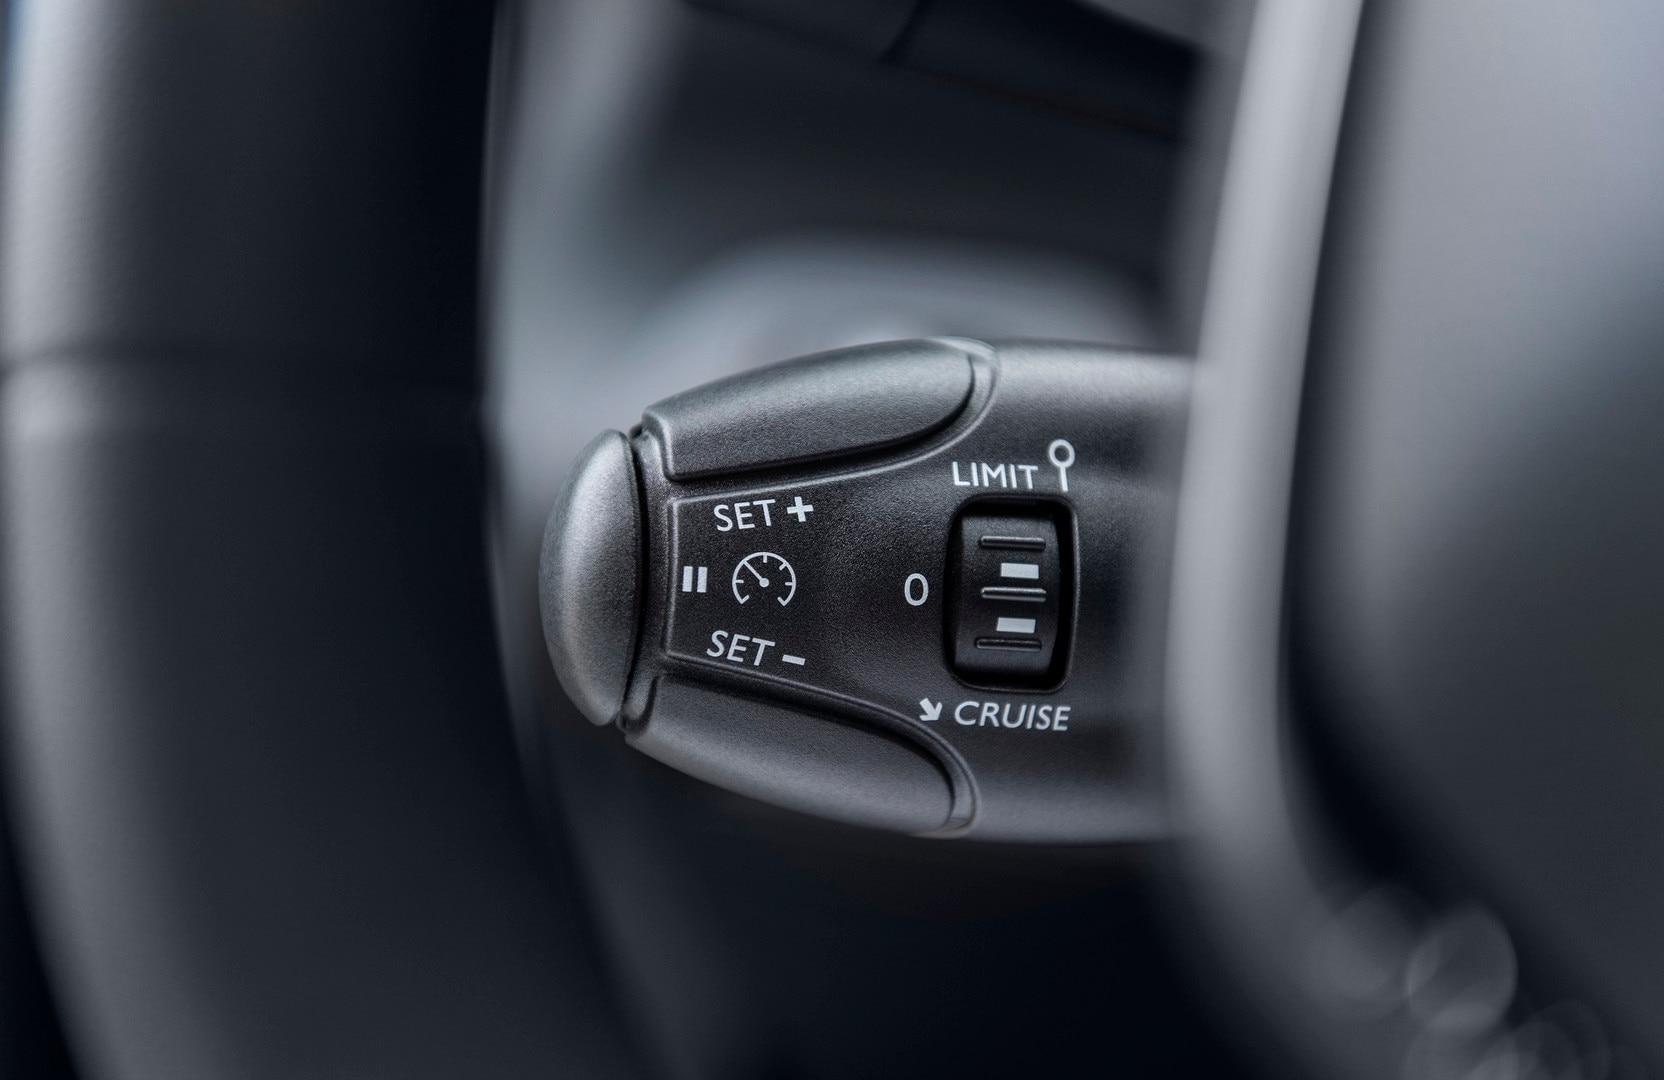 NOUVEAU PEUGEOT PARTNER: profitez du confort simple du régulateur ou limiteur de vitesse